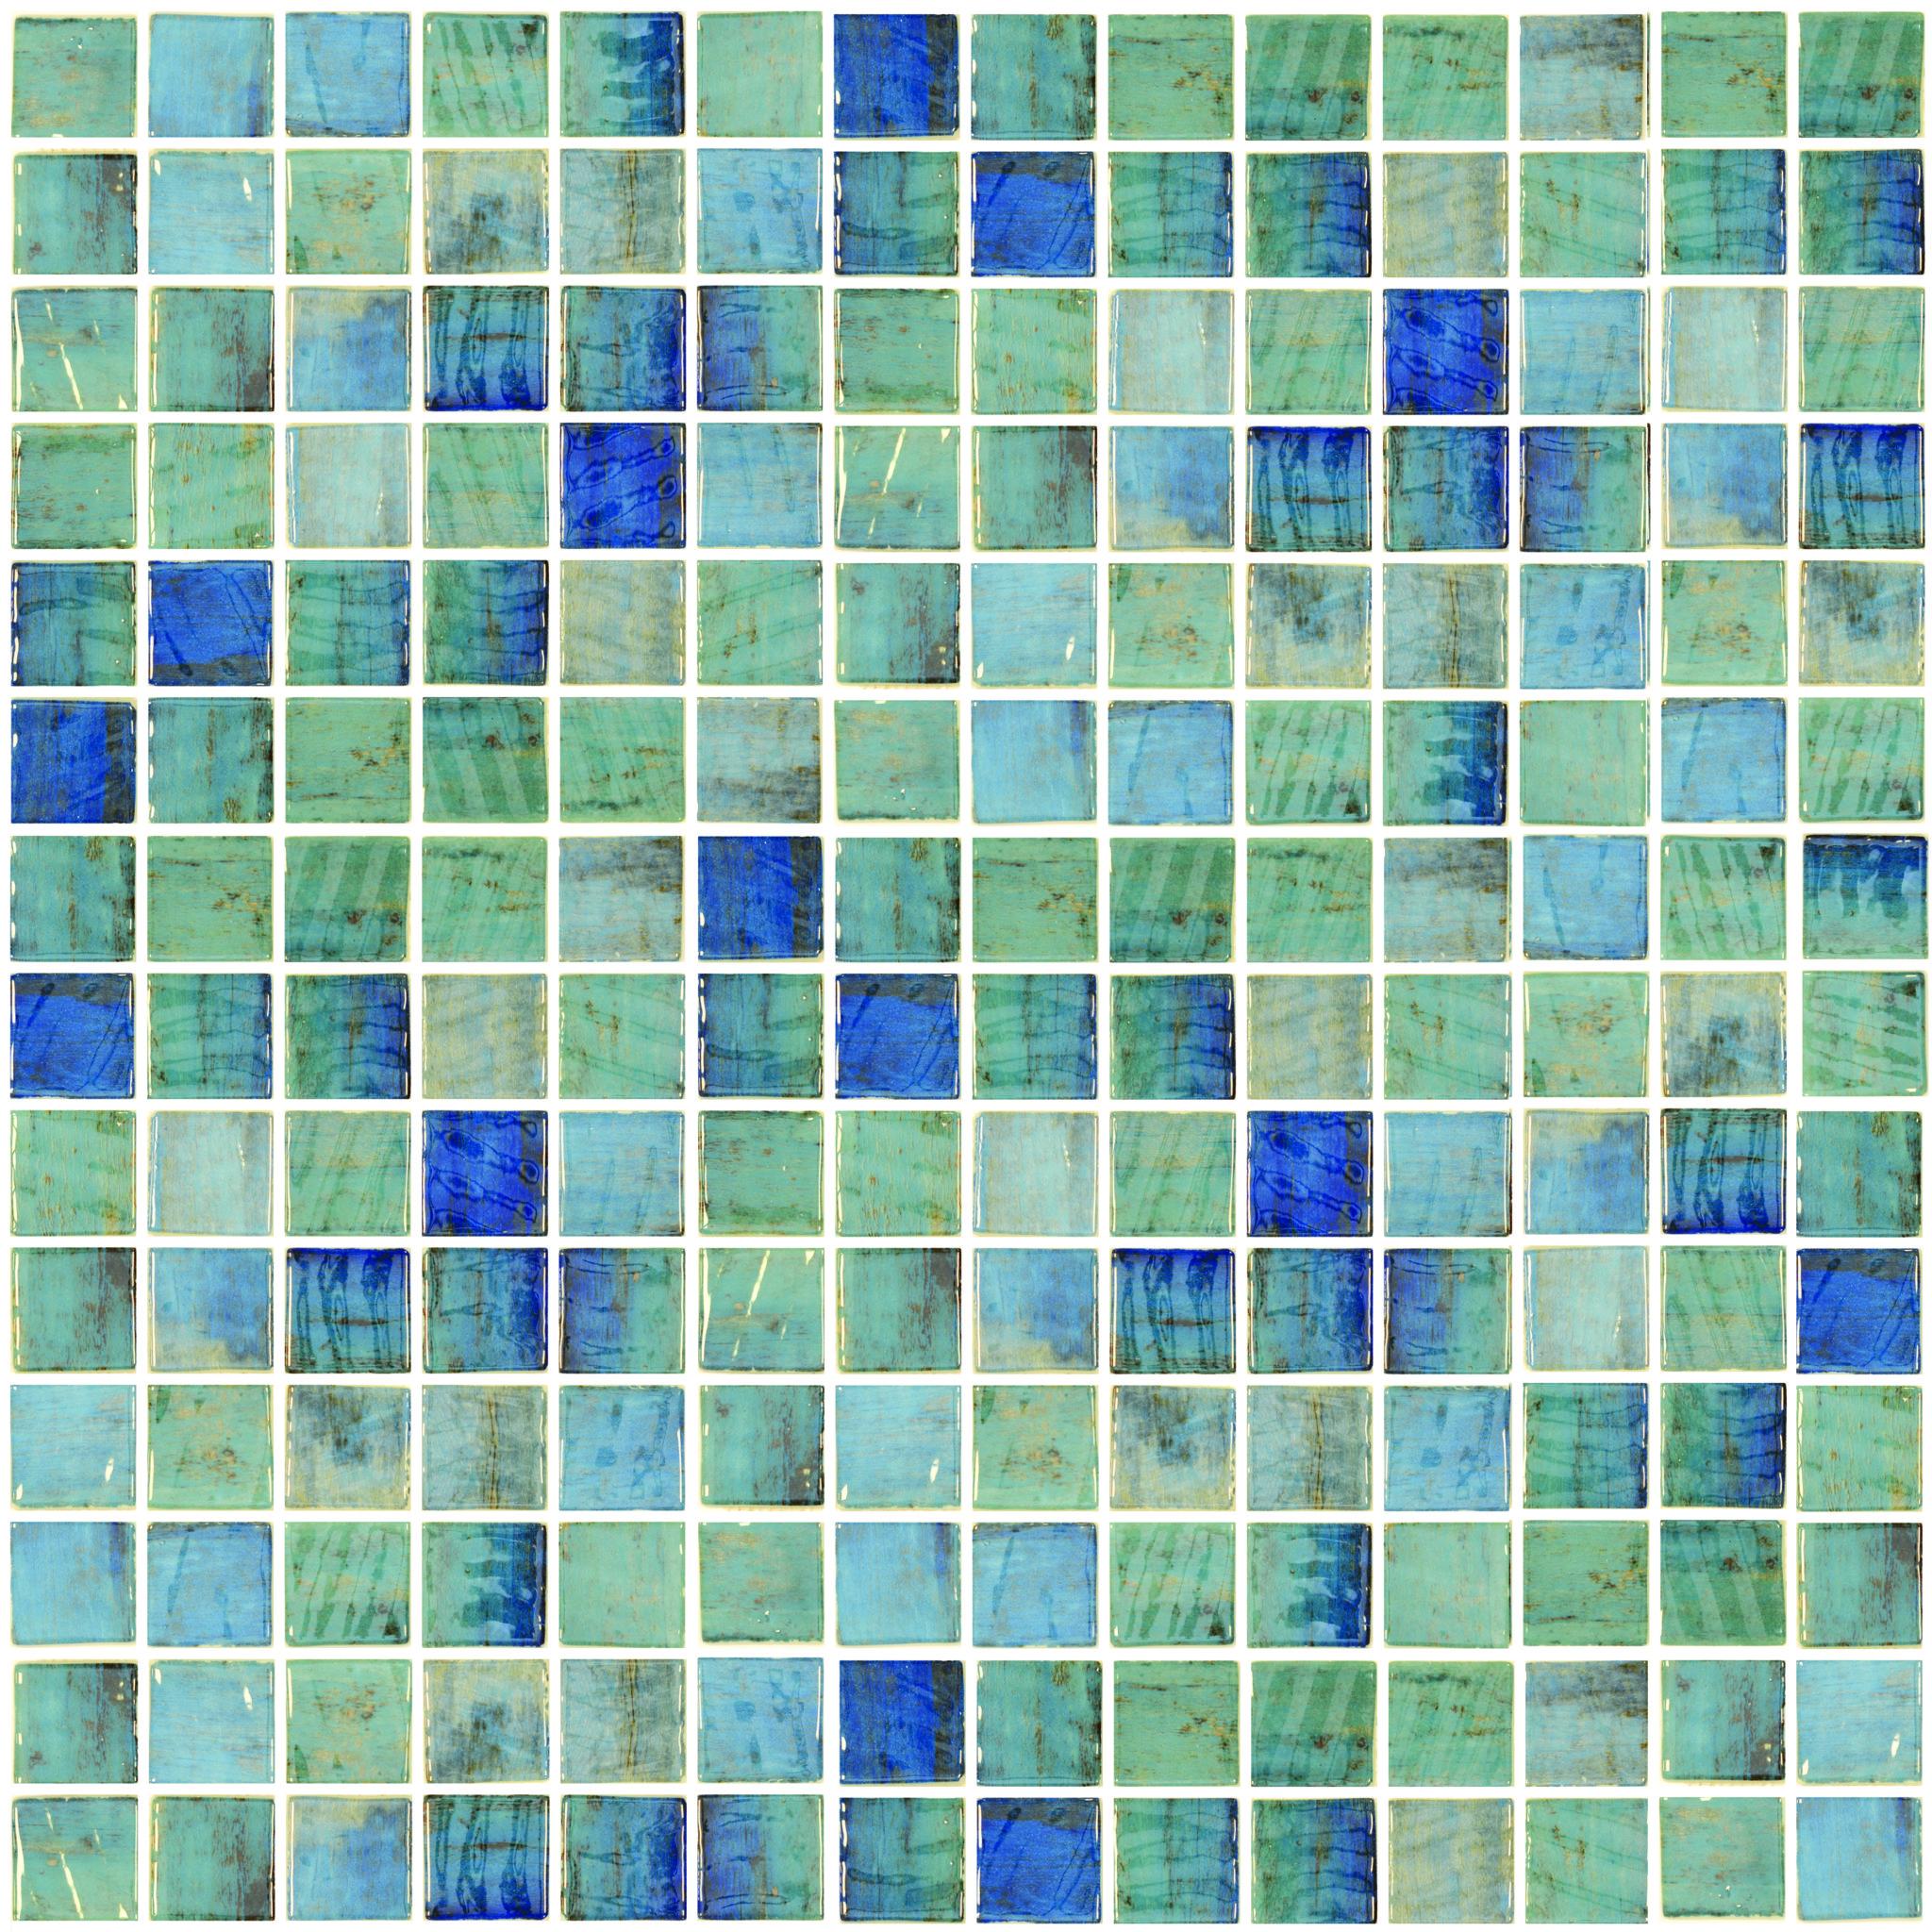 Vanguard Forest Blue 1x1 2x2 Glass Mosaic Tile Qdi Surfaces